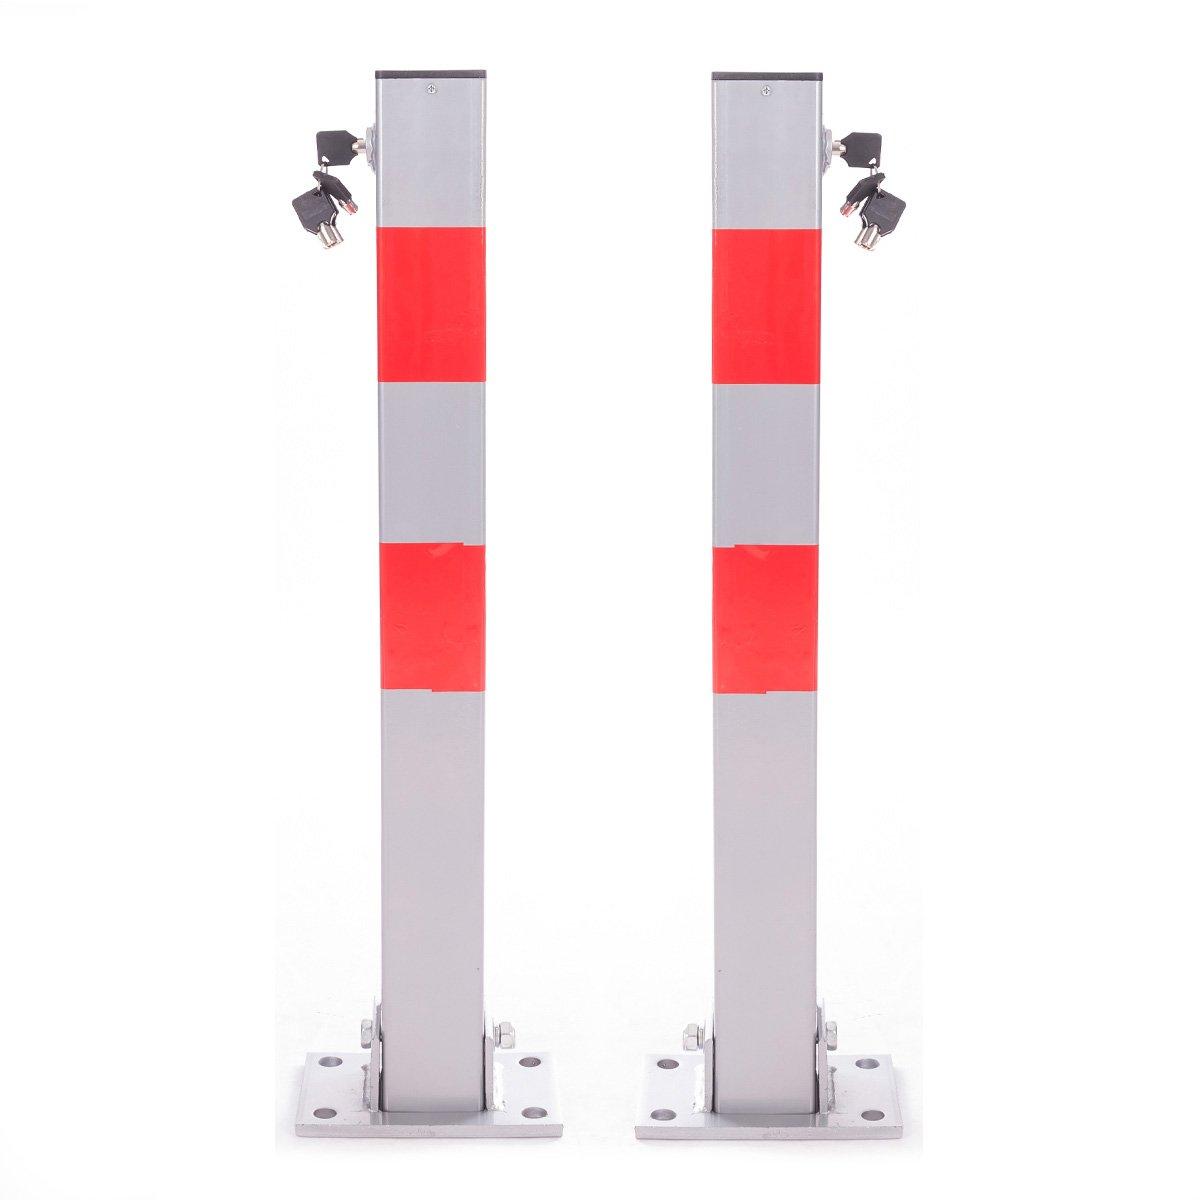 Poste plegable rectangular de Ectx de acero inoxidable para aparcamiento elé ctrico Ectxo